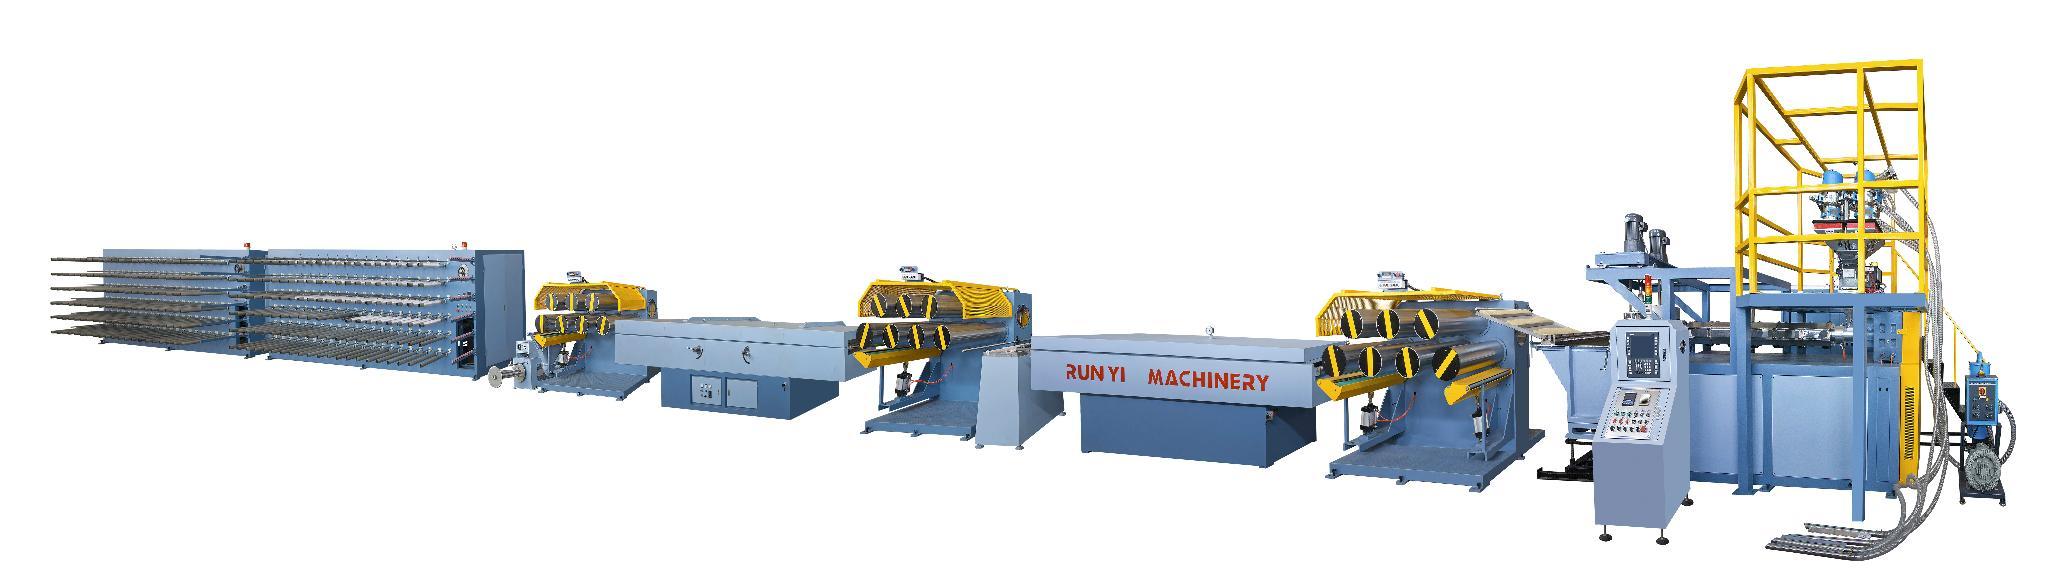 Image result for monofilament extruder manufacturer